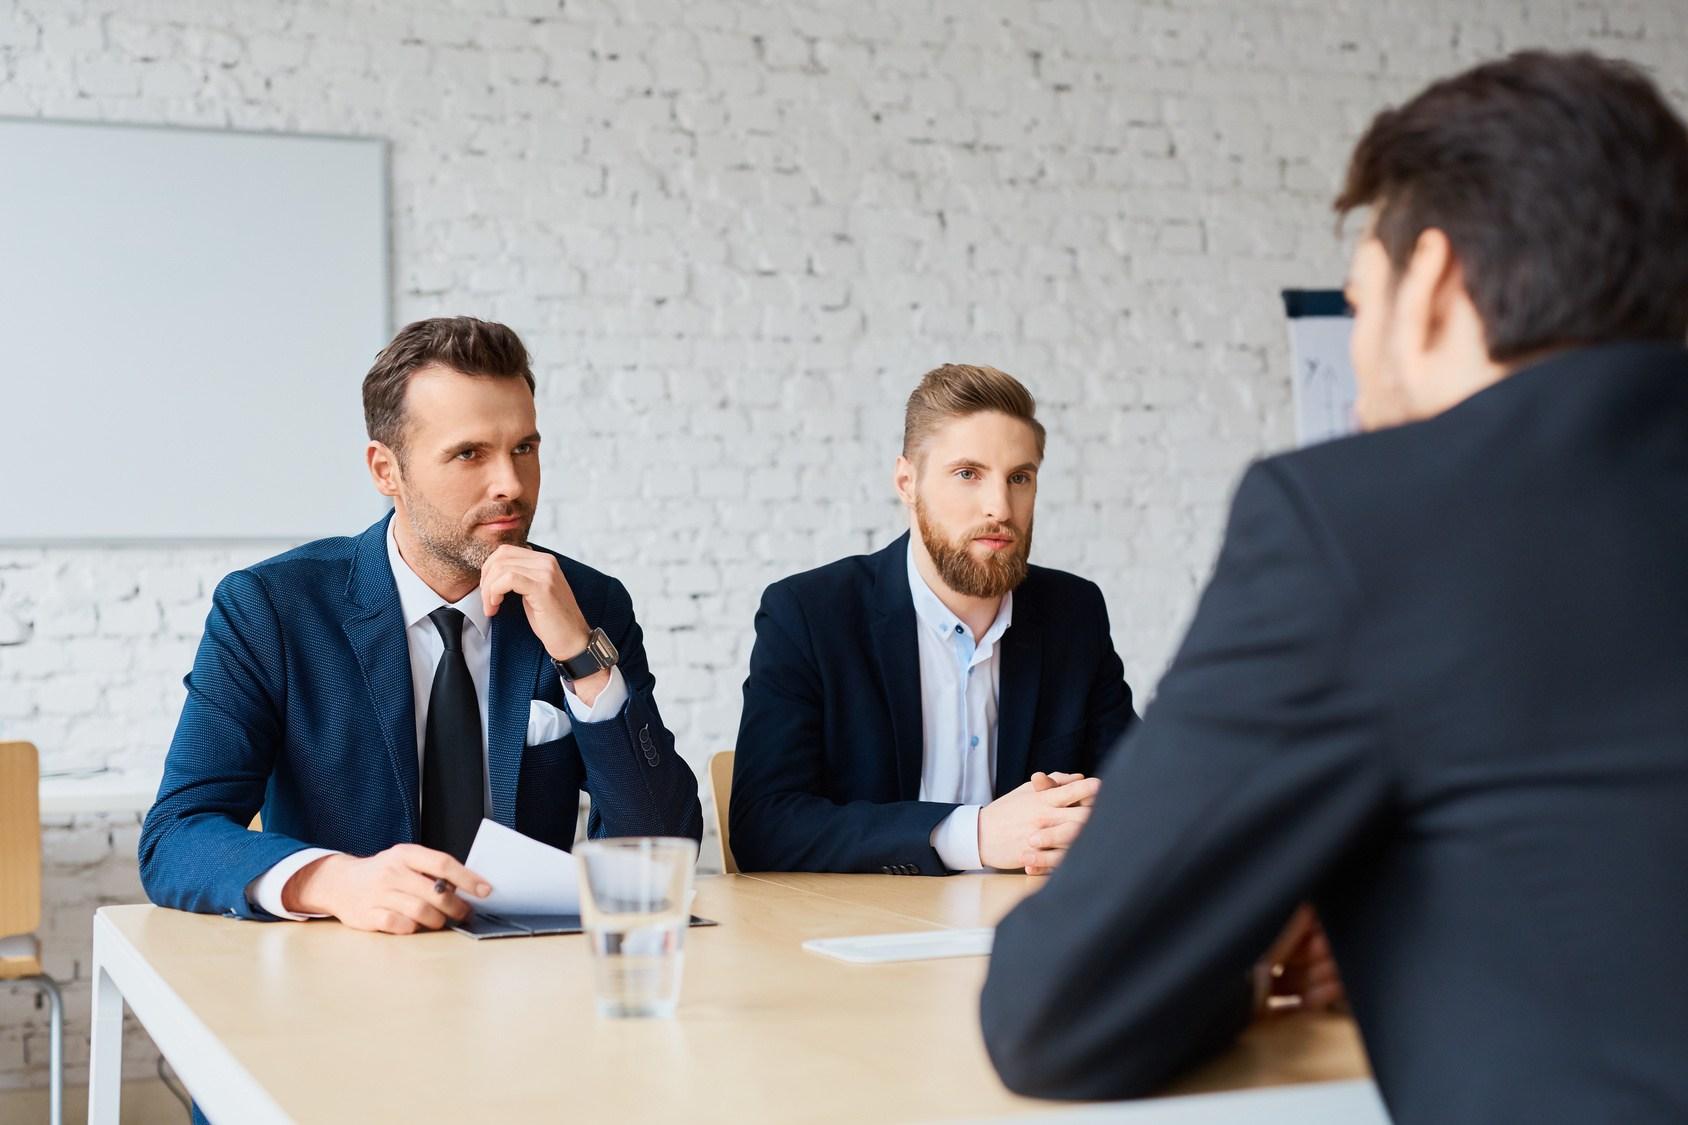 Century 21: şirketin çalışanlarının değerlendirmeleri